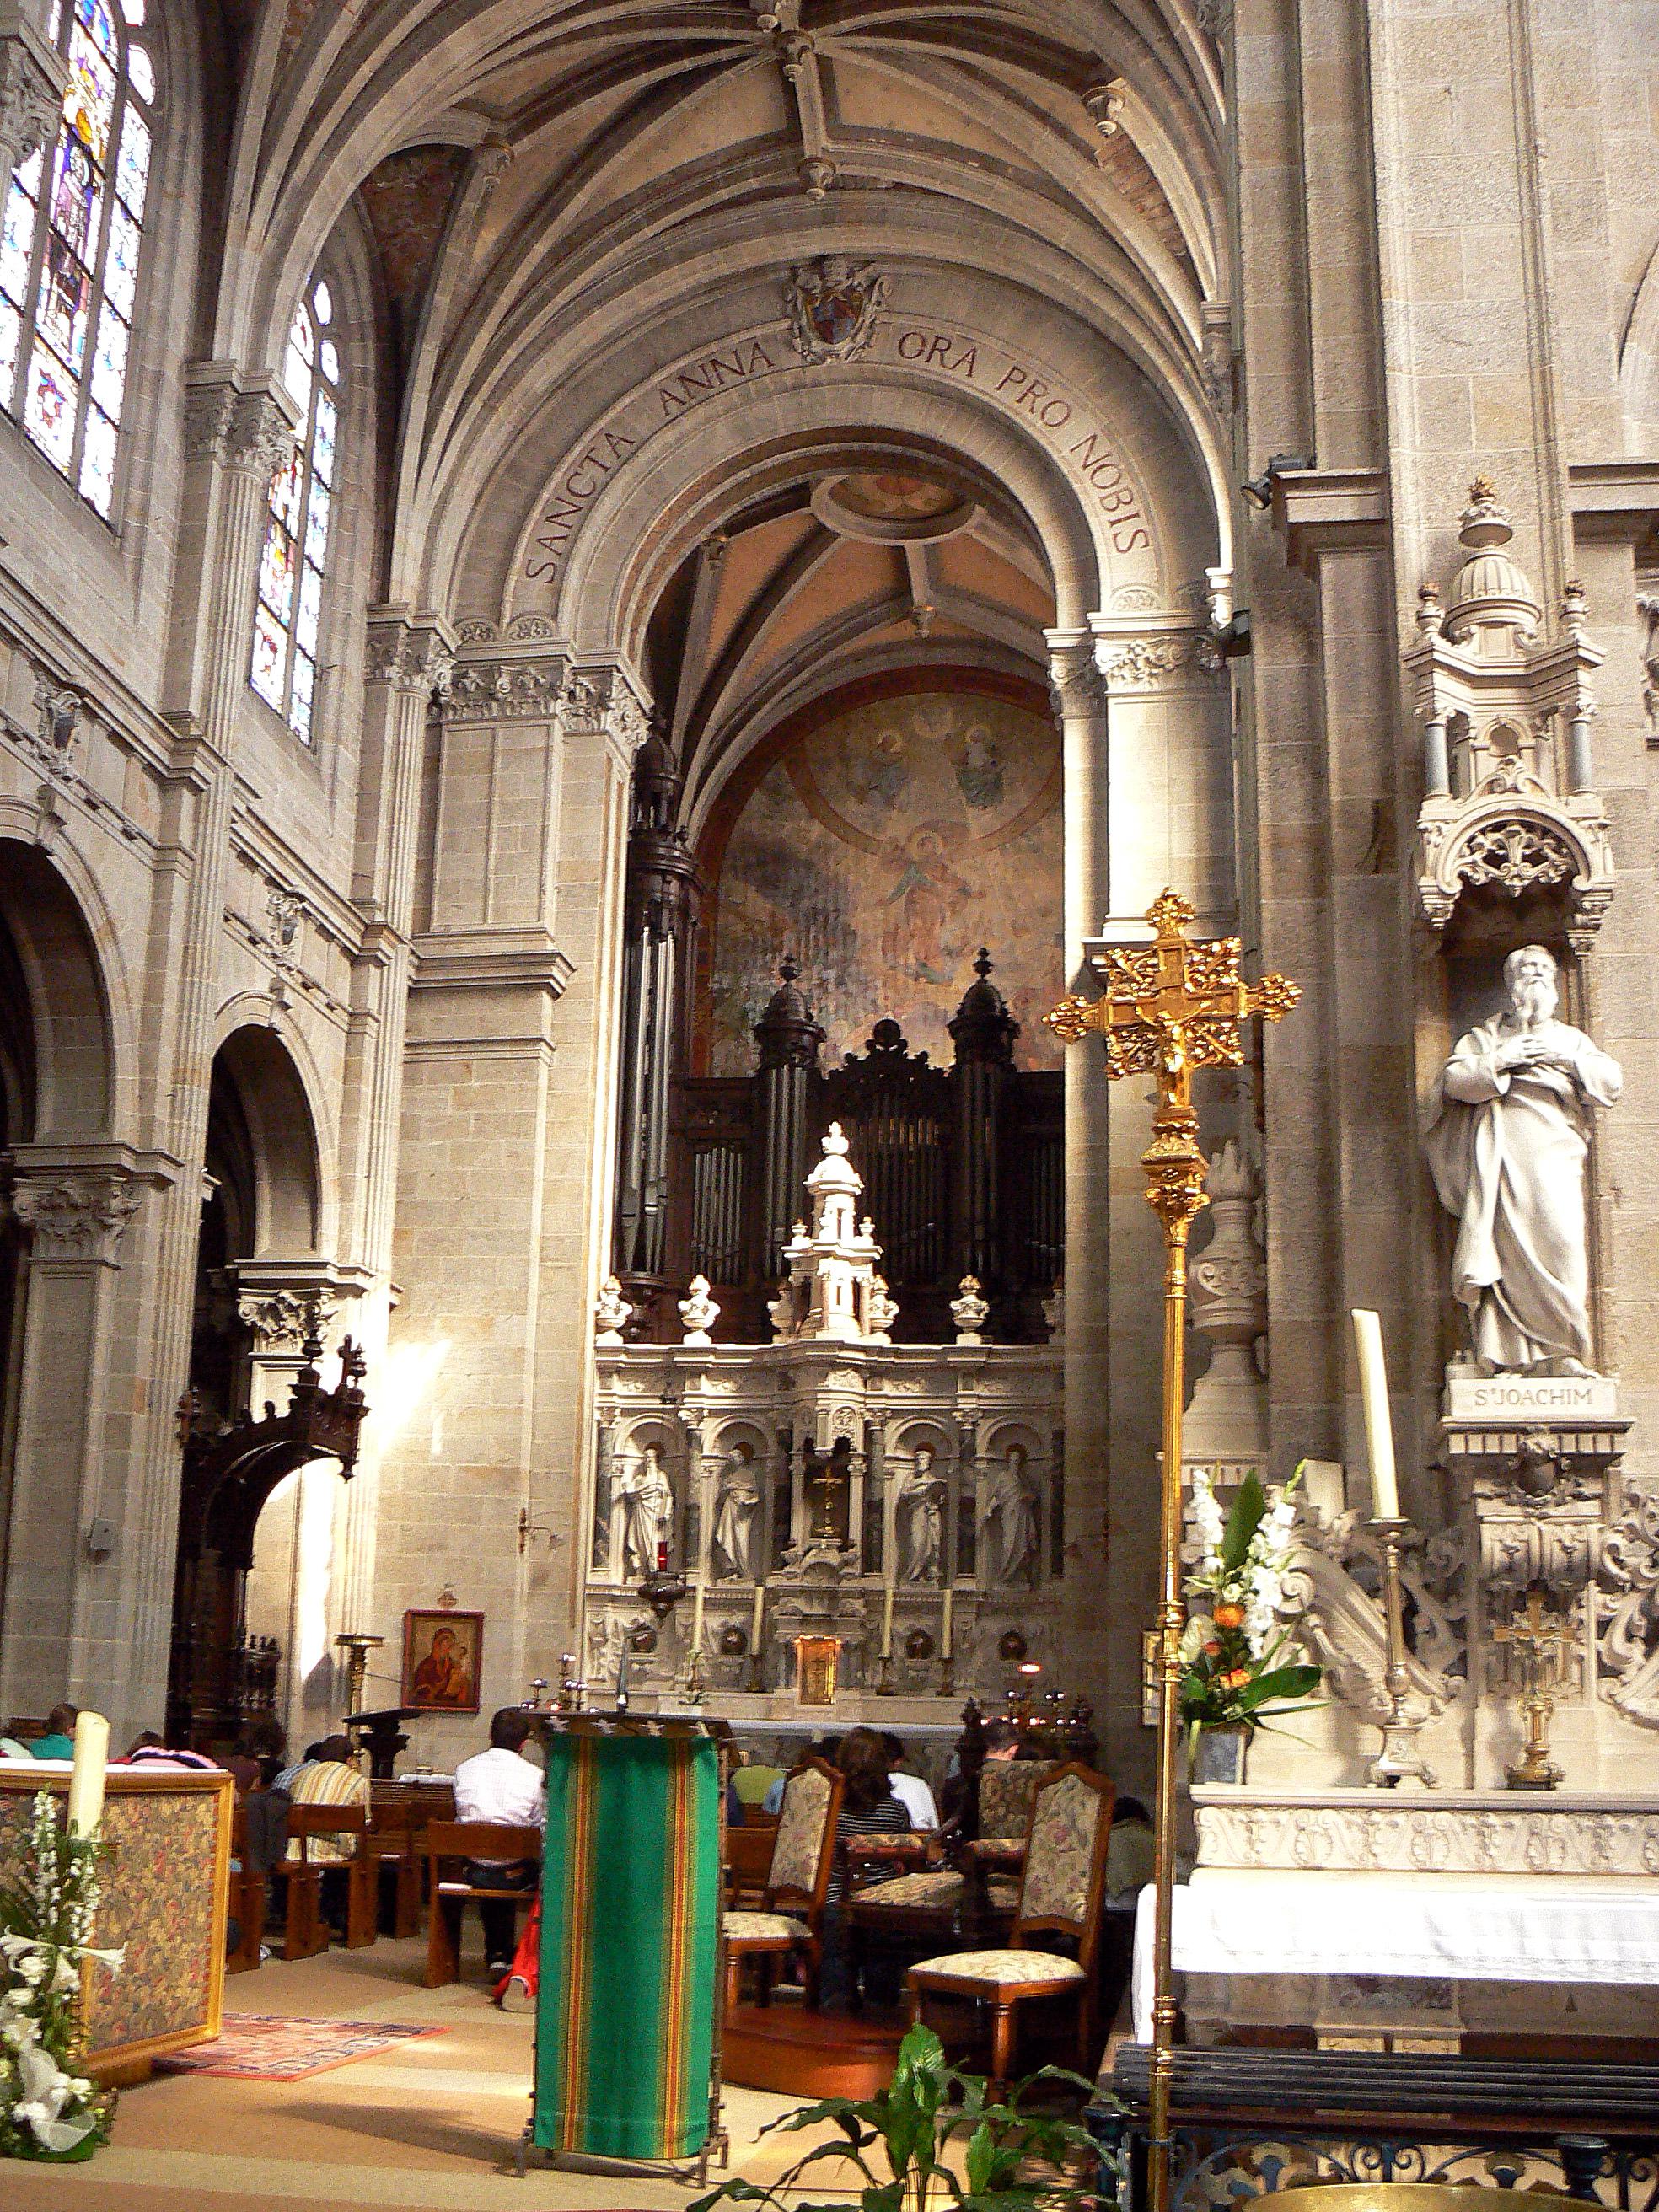 Architecte D Intérieur Auray file:basilique sainte-anne d'auray (intérieur 4)